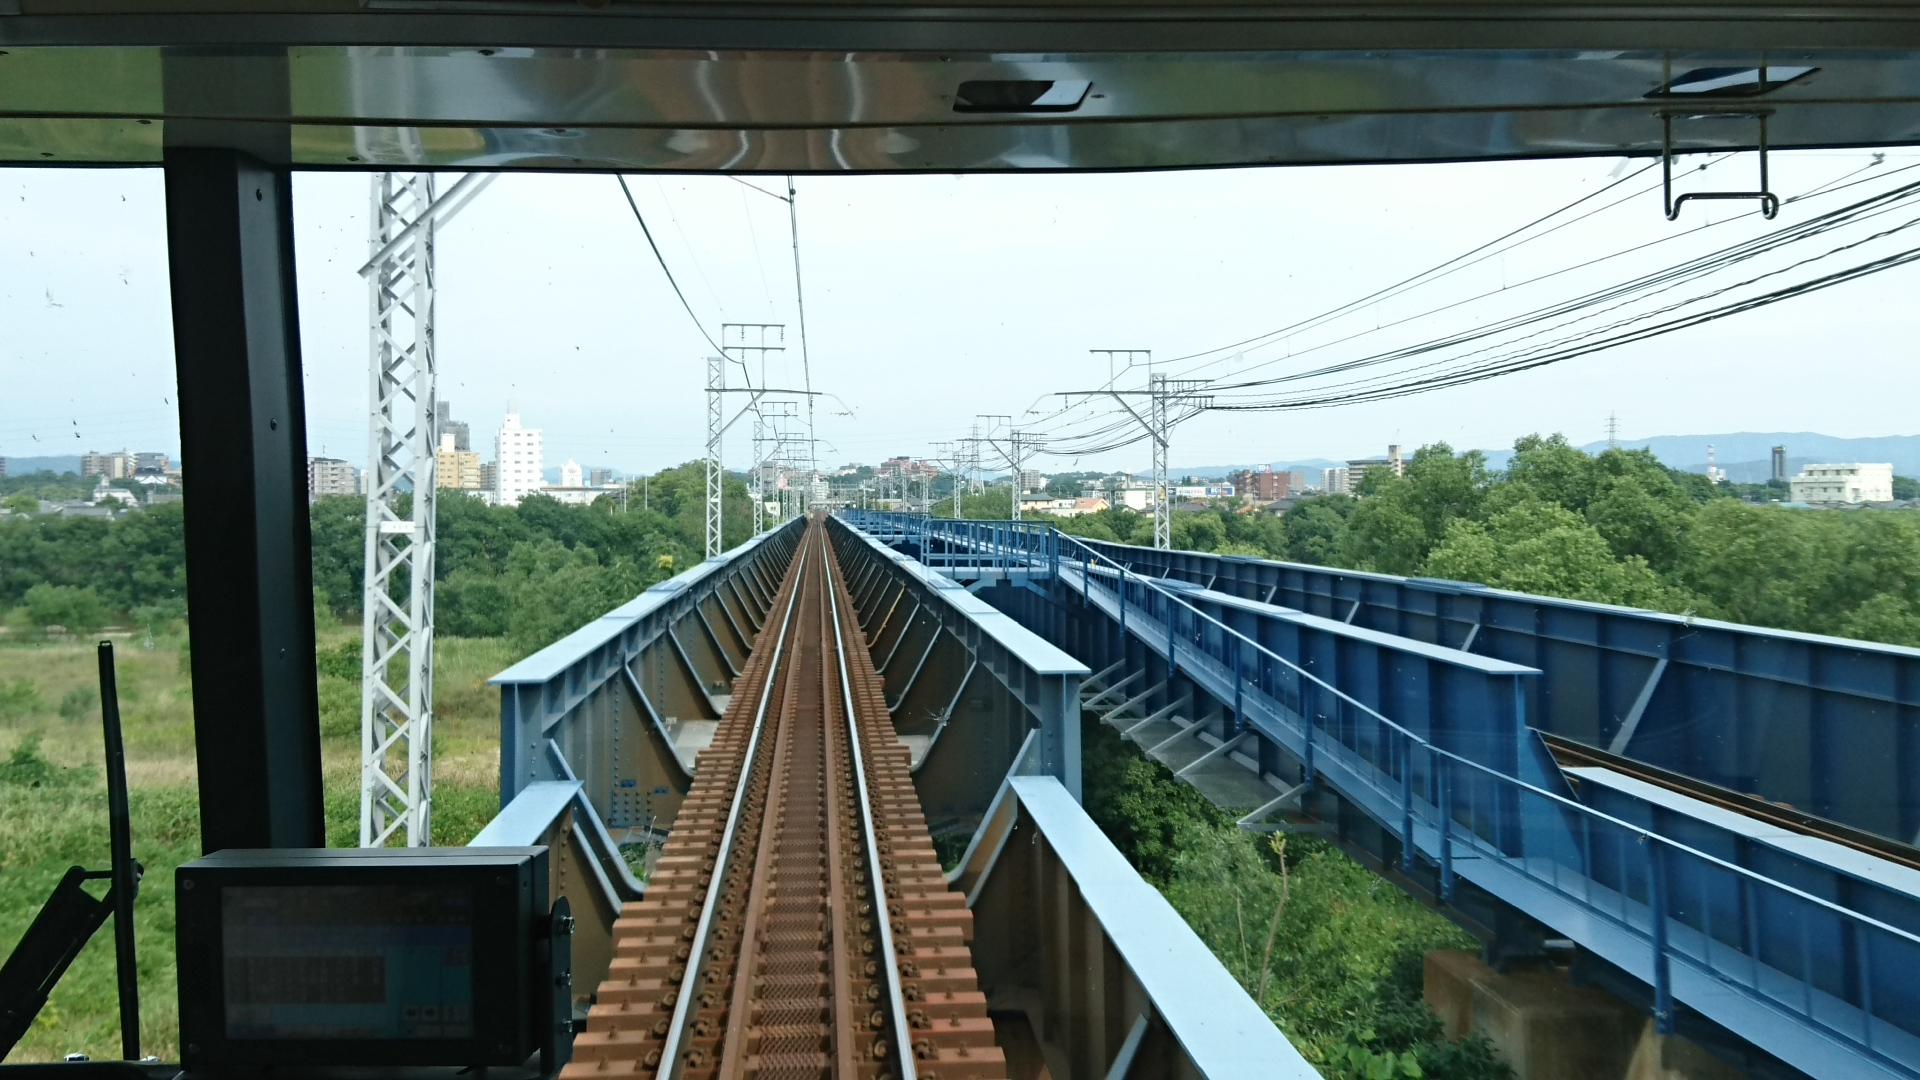 2017.6.24 東岡崎 (14) 豊橋いき急行 - 矢作川 1920-1080